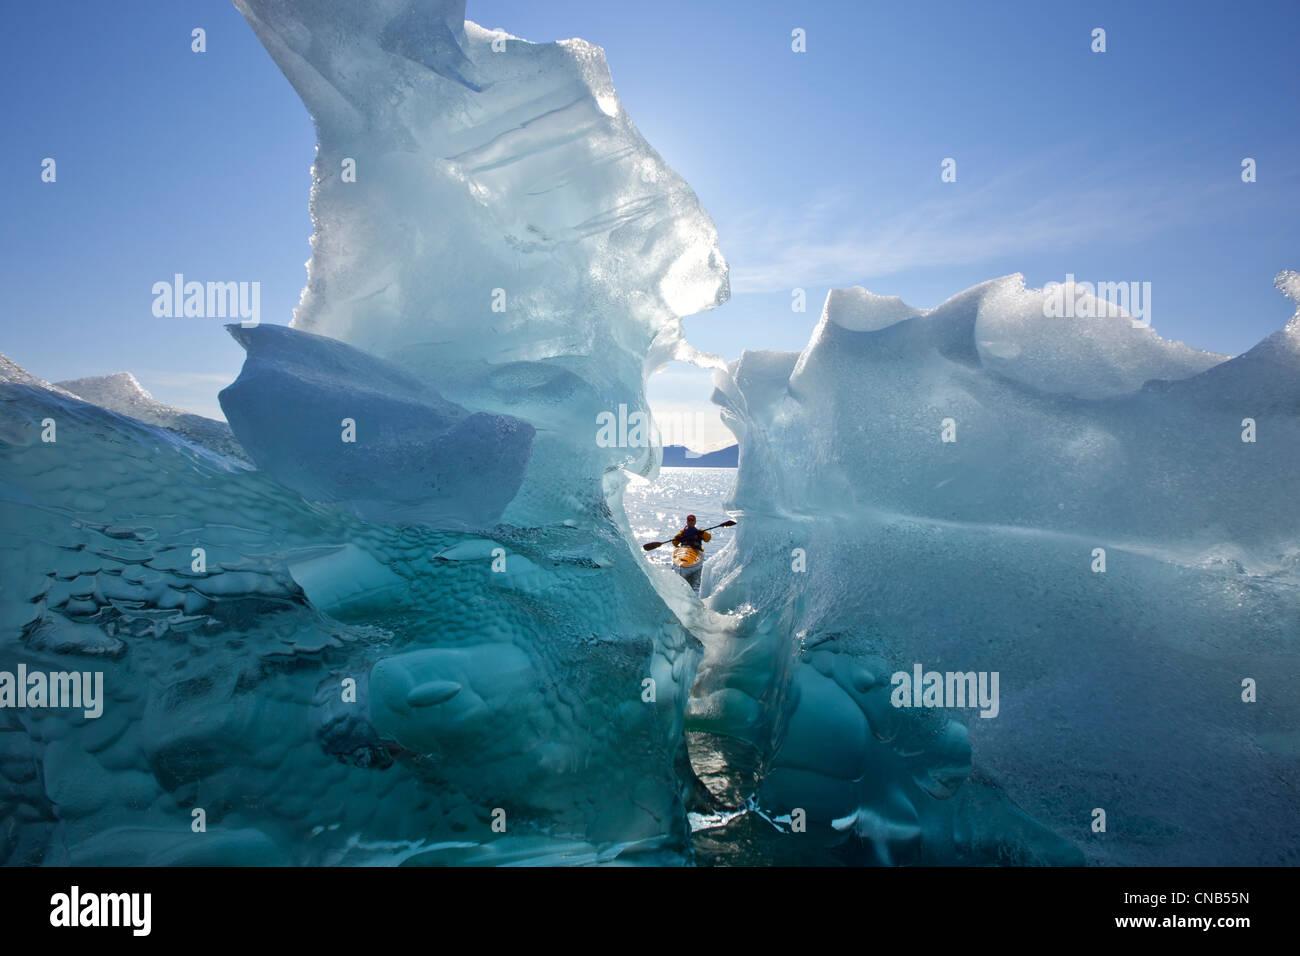 Mar Kayakista opiniones grandes icebergs en Stephens pasaje, Tracy Arm-Fords Terror Desierto, dentro del pasaje, Foto de stock